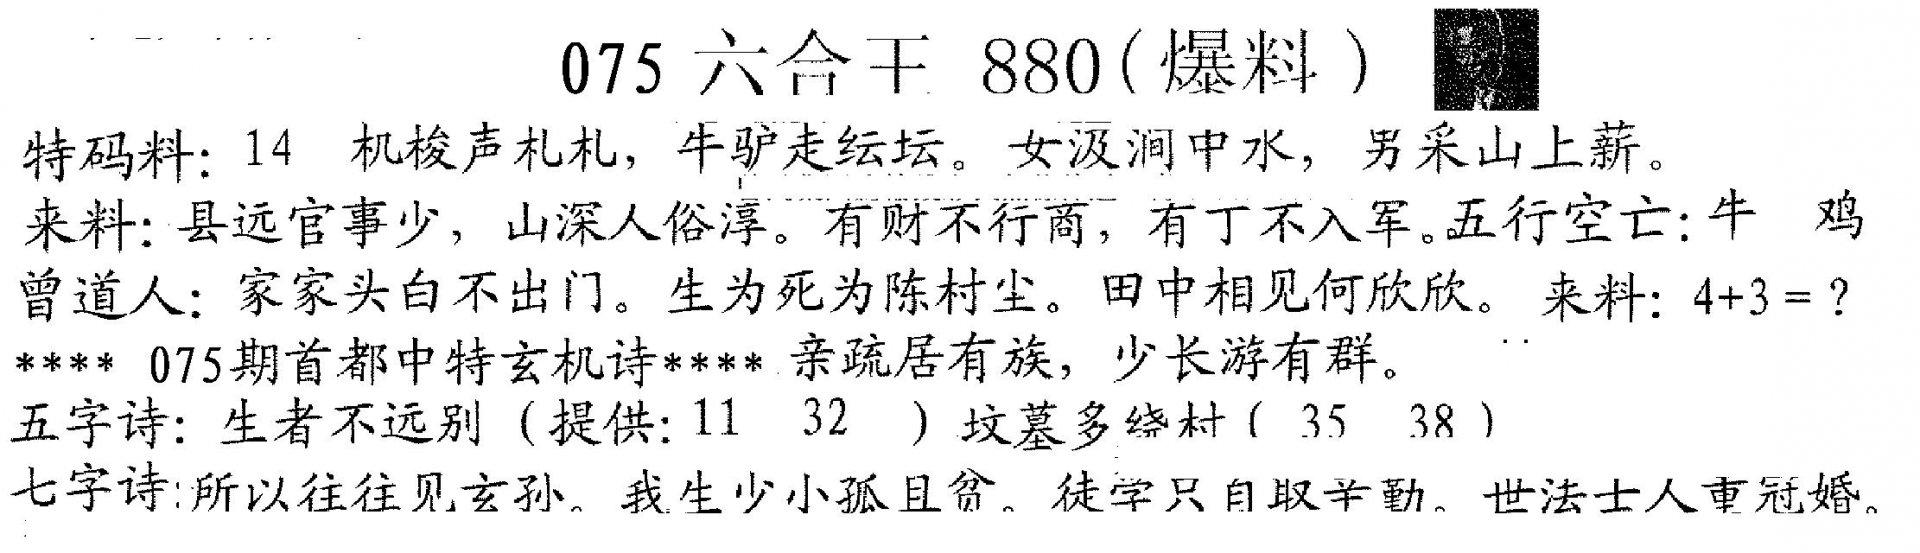 075期880来料(黑白)